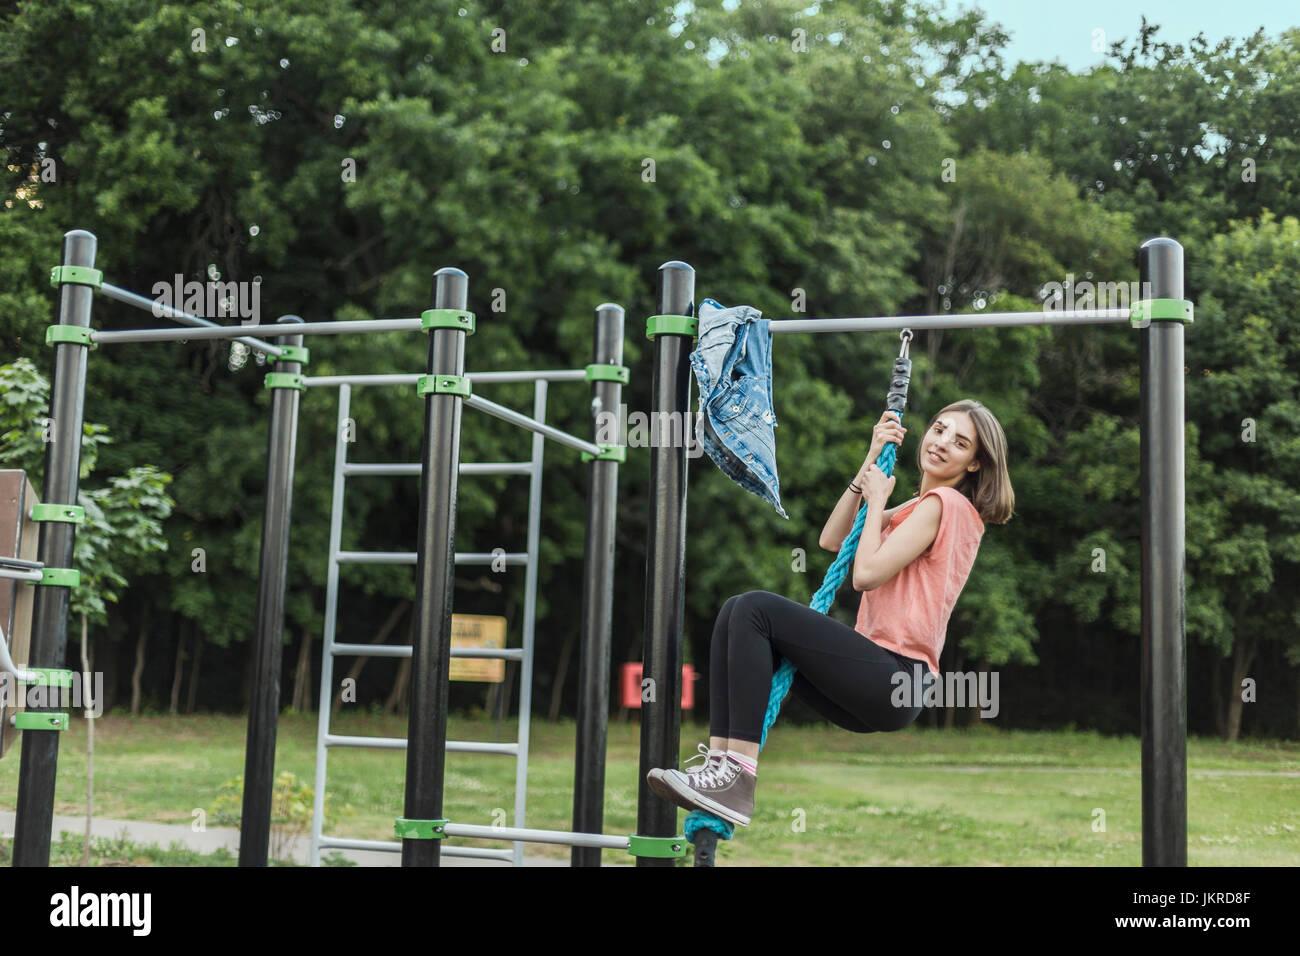 Klettergerüst Mit Seilen : In voller länge portrait von lächelnde junge frau hängen vom